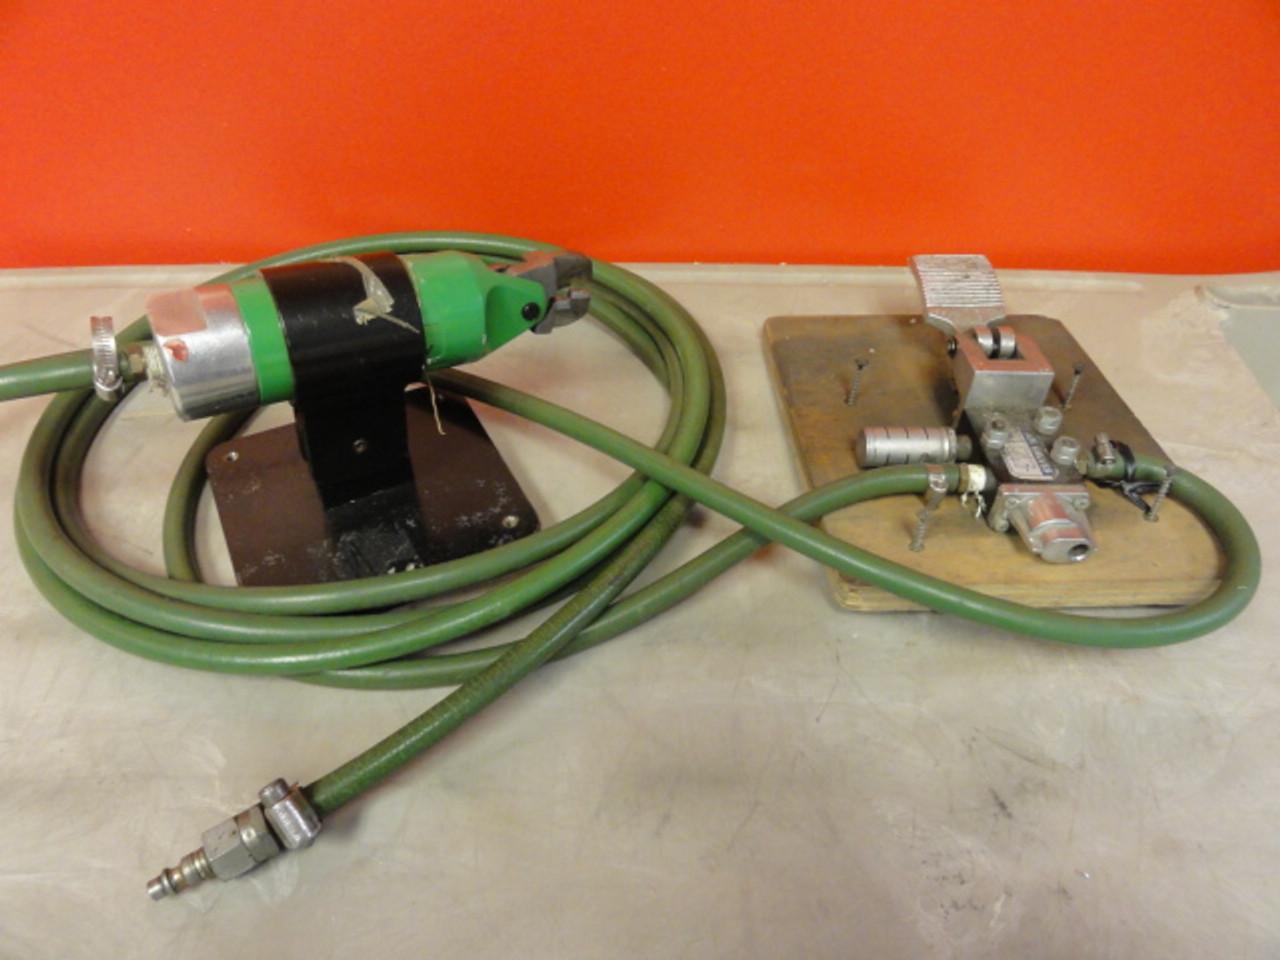 Seals AM300 Air Nipper w/ 303-02 Air Valve Pedal Control, Base & Hose